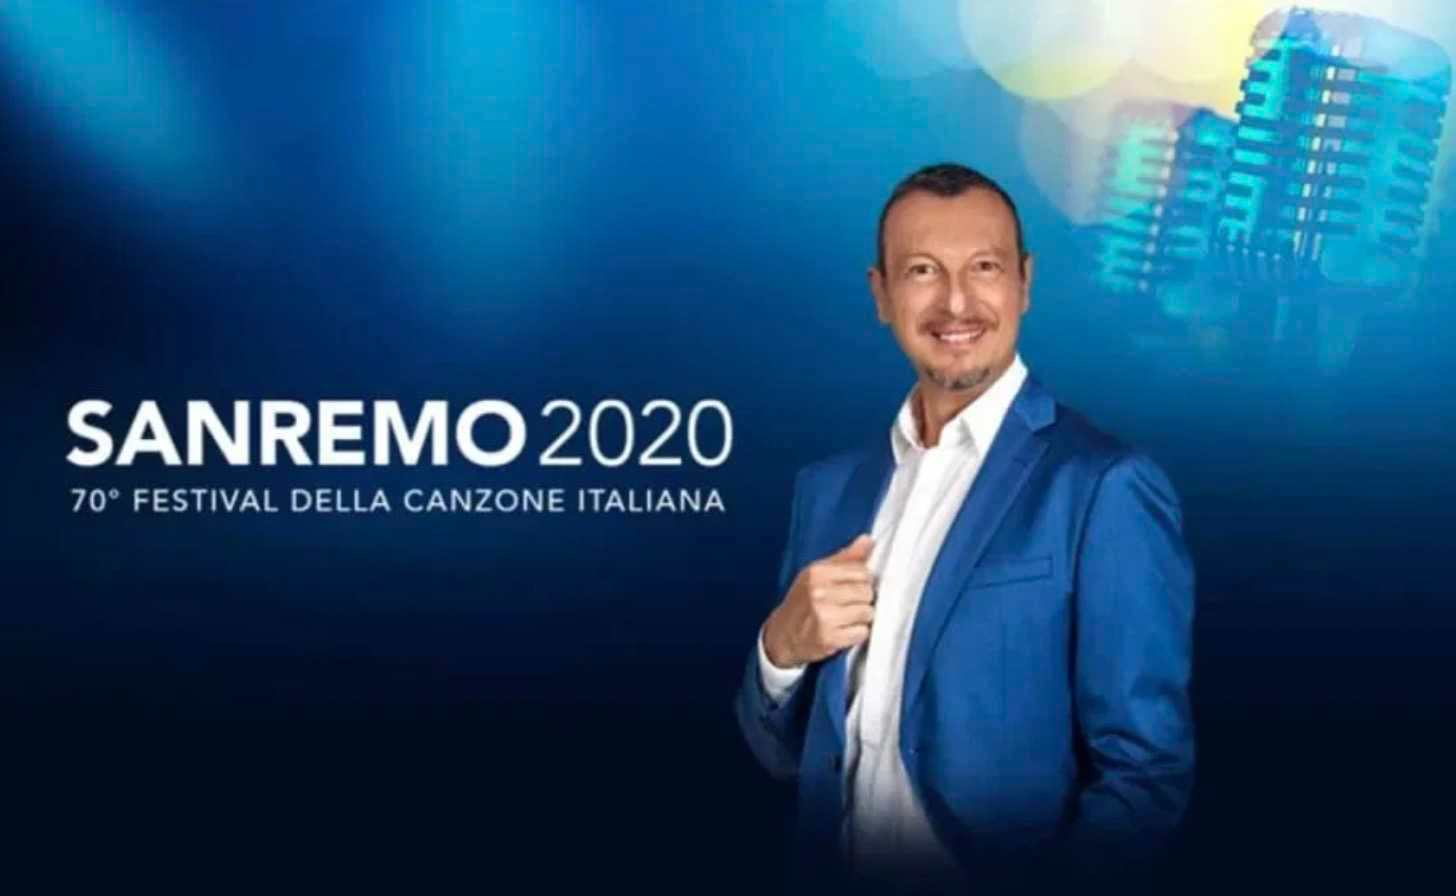 Stasera tv 8 febbraio   Raiuno   Festival di Sanremo